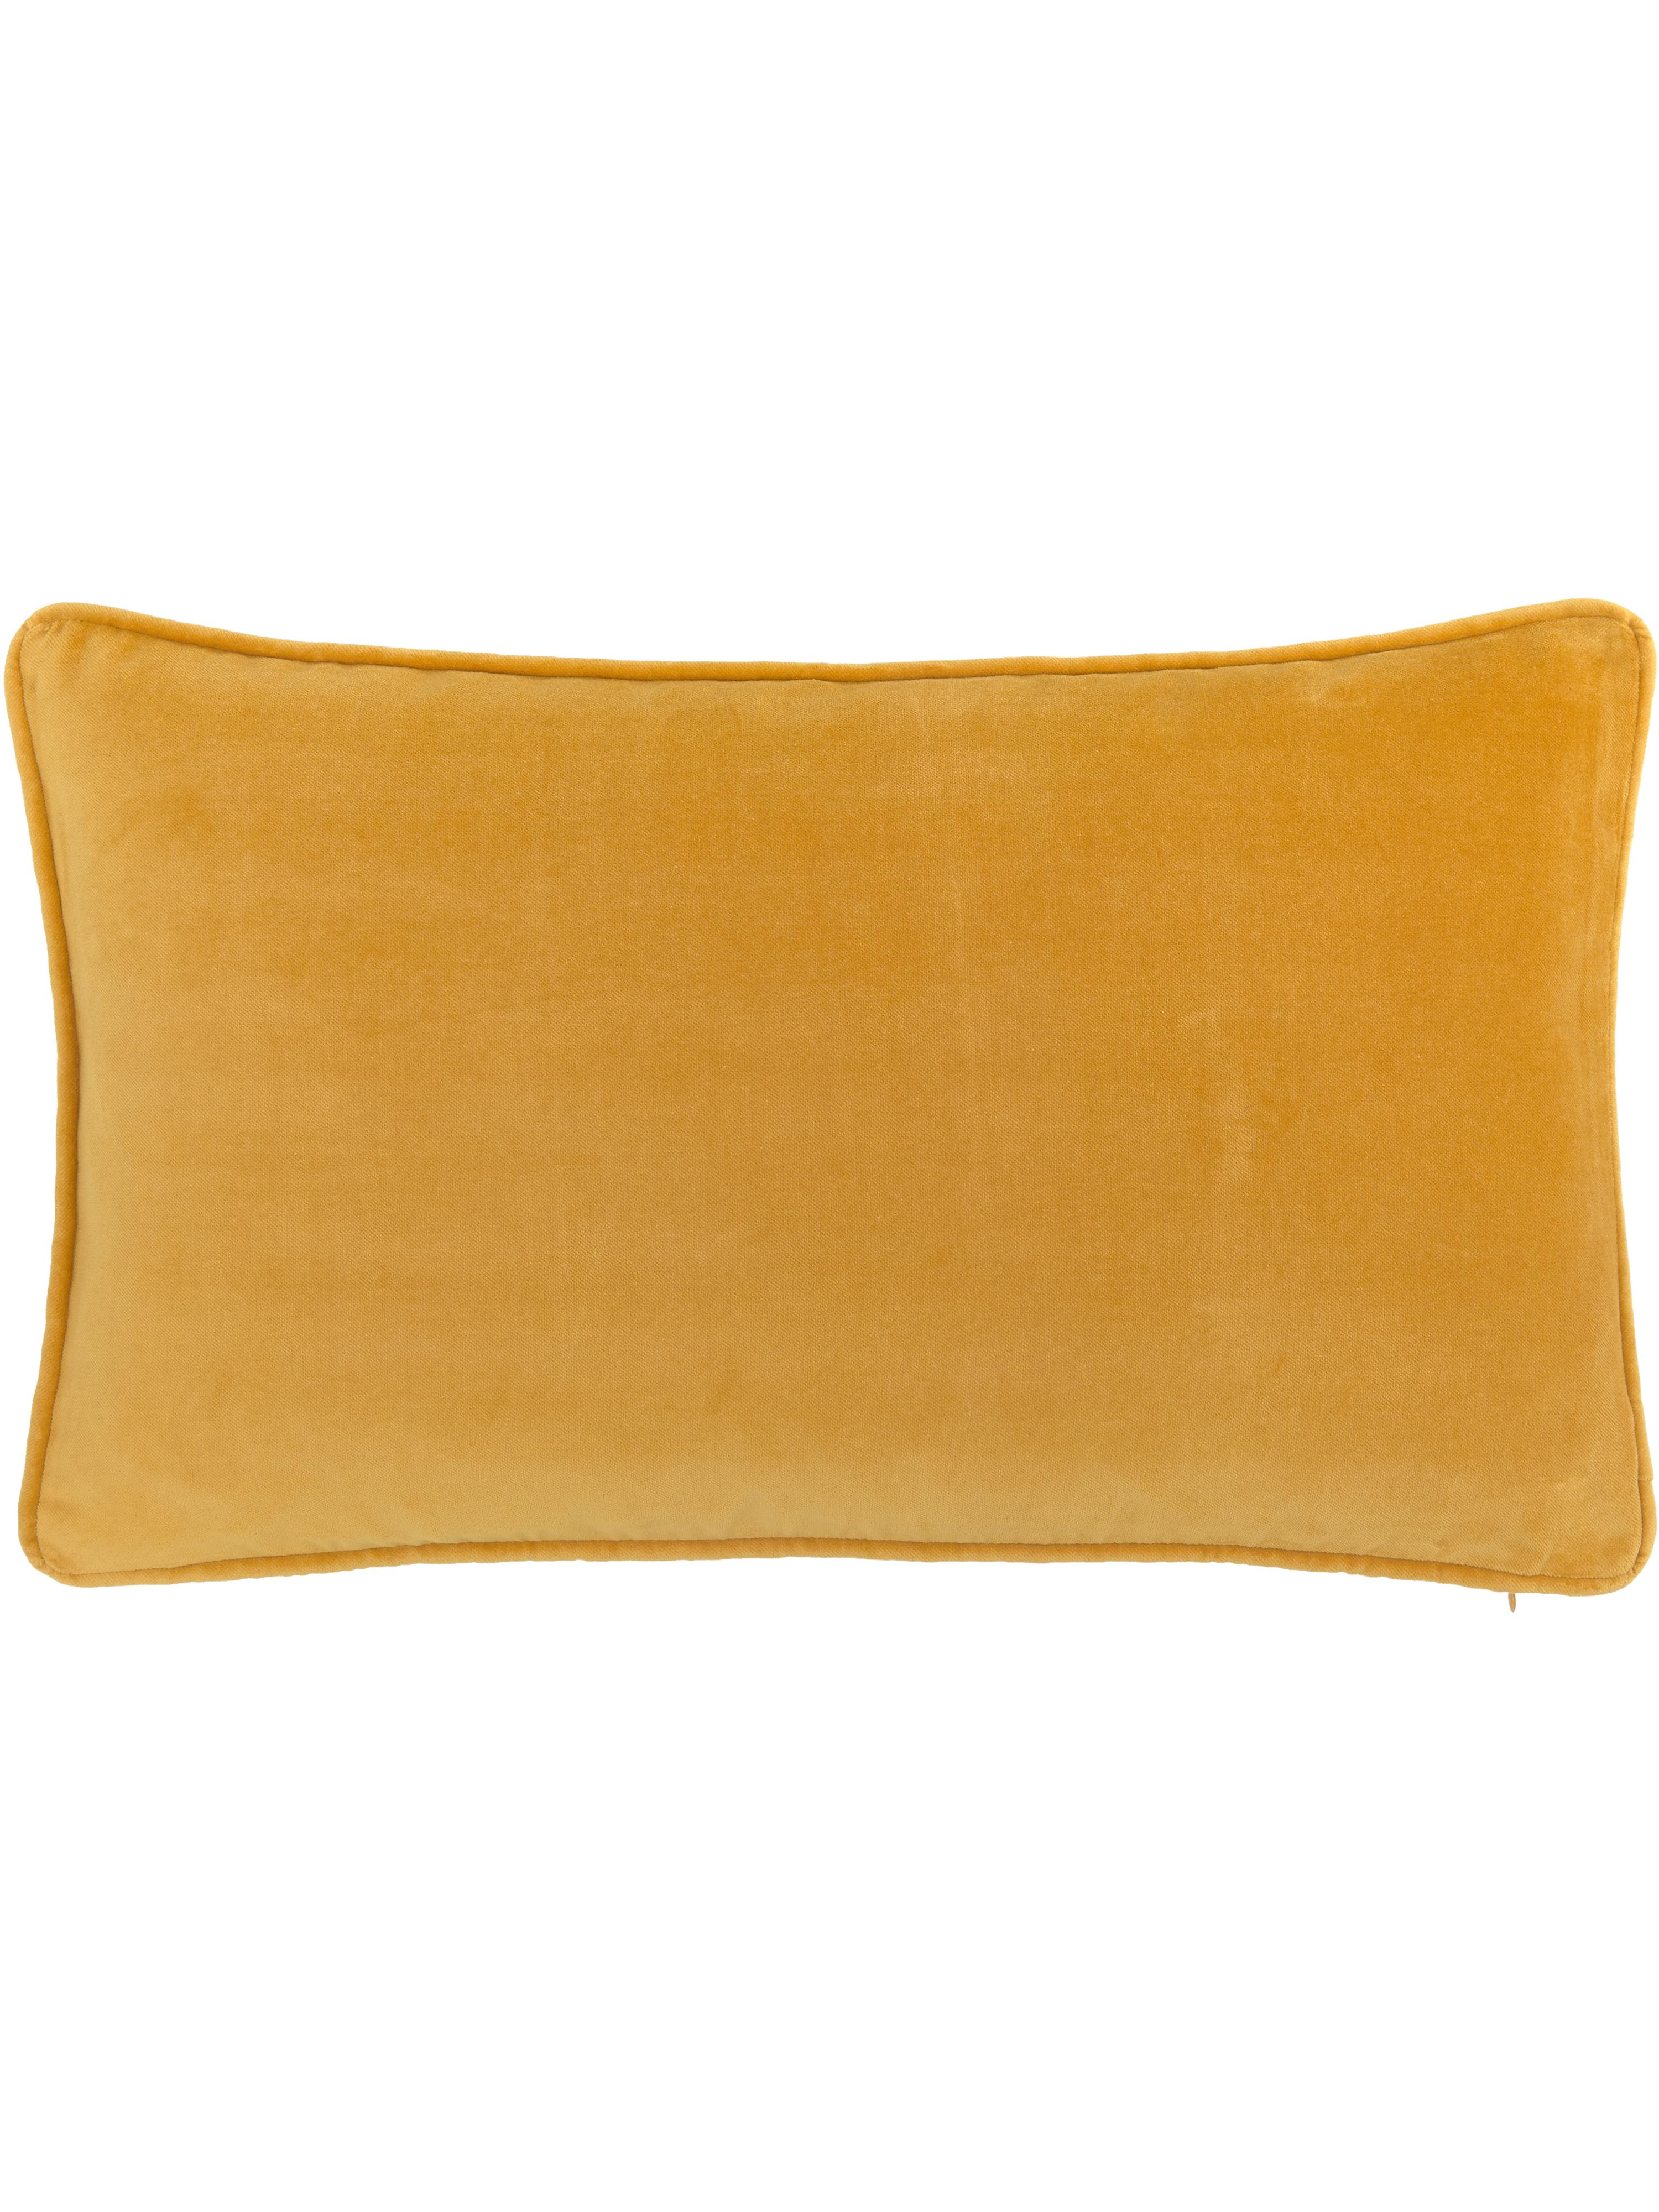 Funda de cojín de terciopelo Dana, Terciopelo de algodón, Ocre, An 30 x L 50 cm